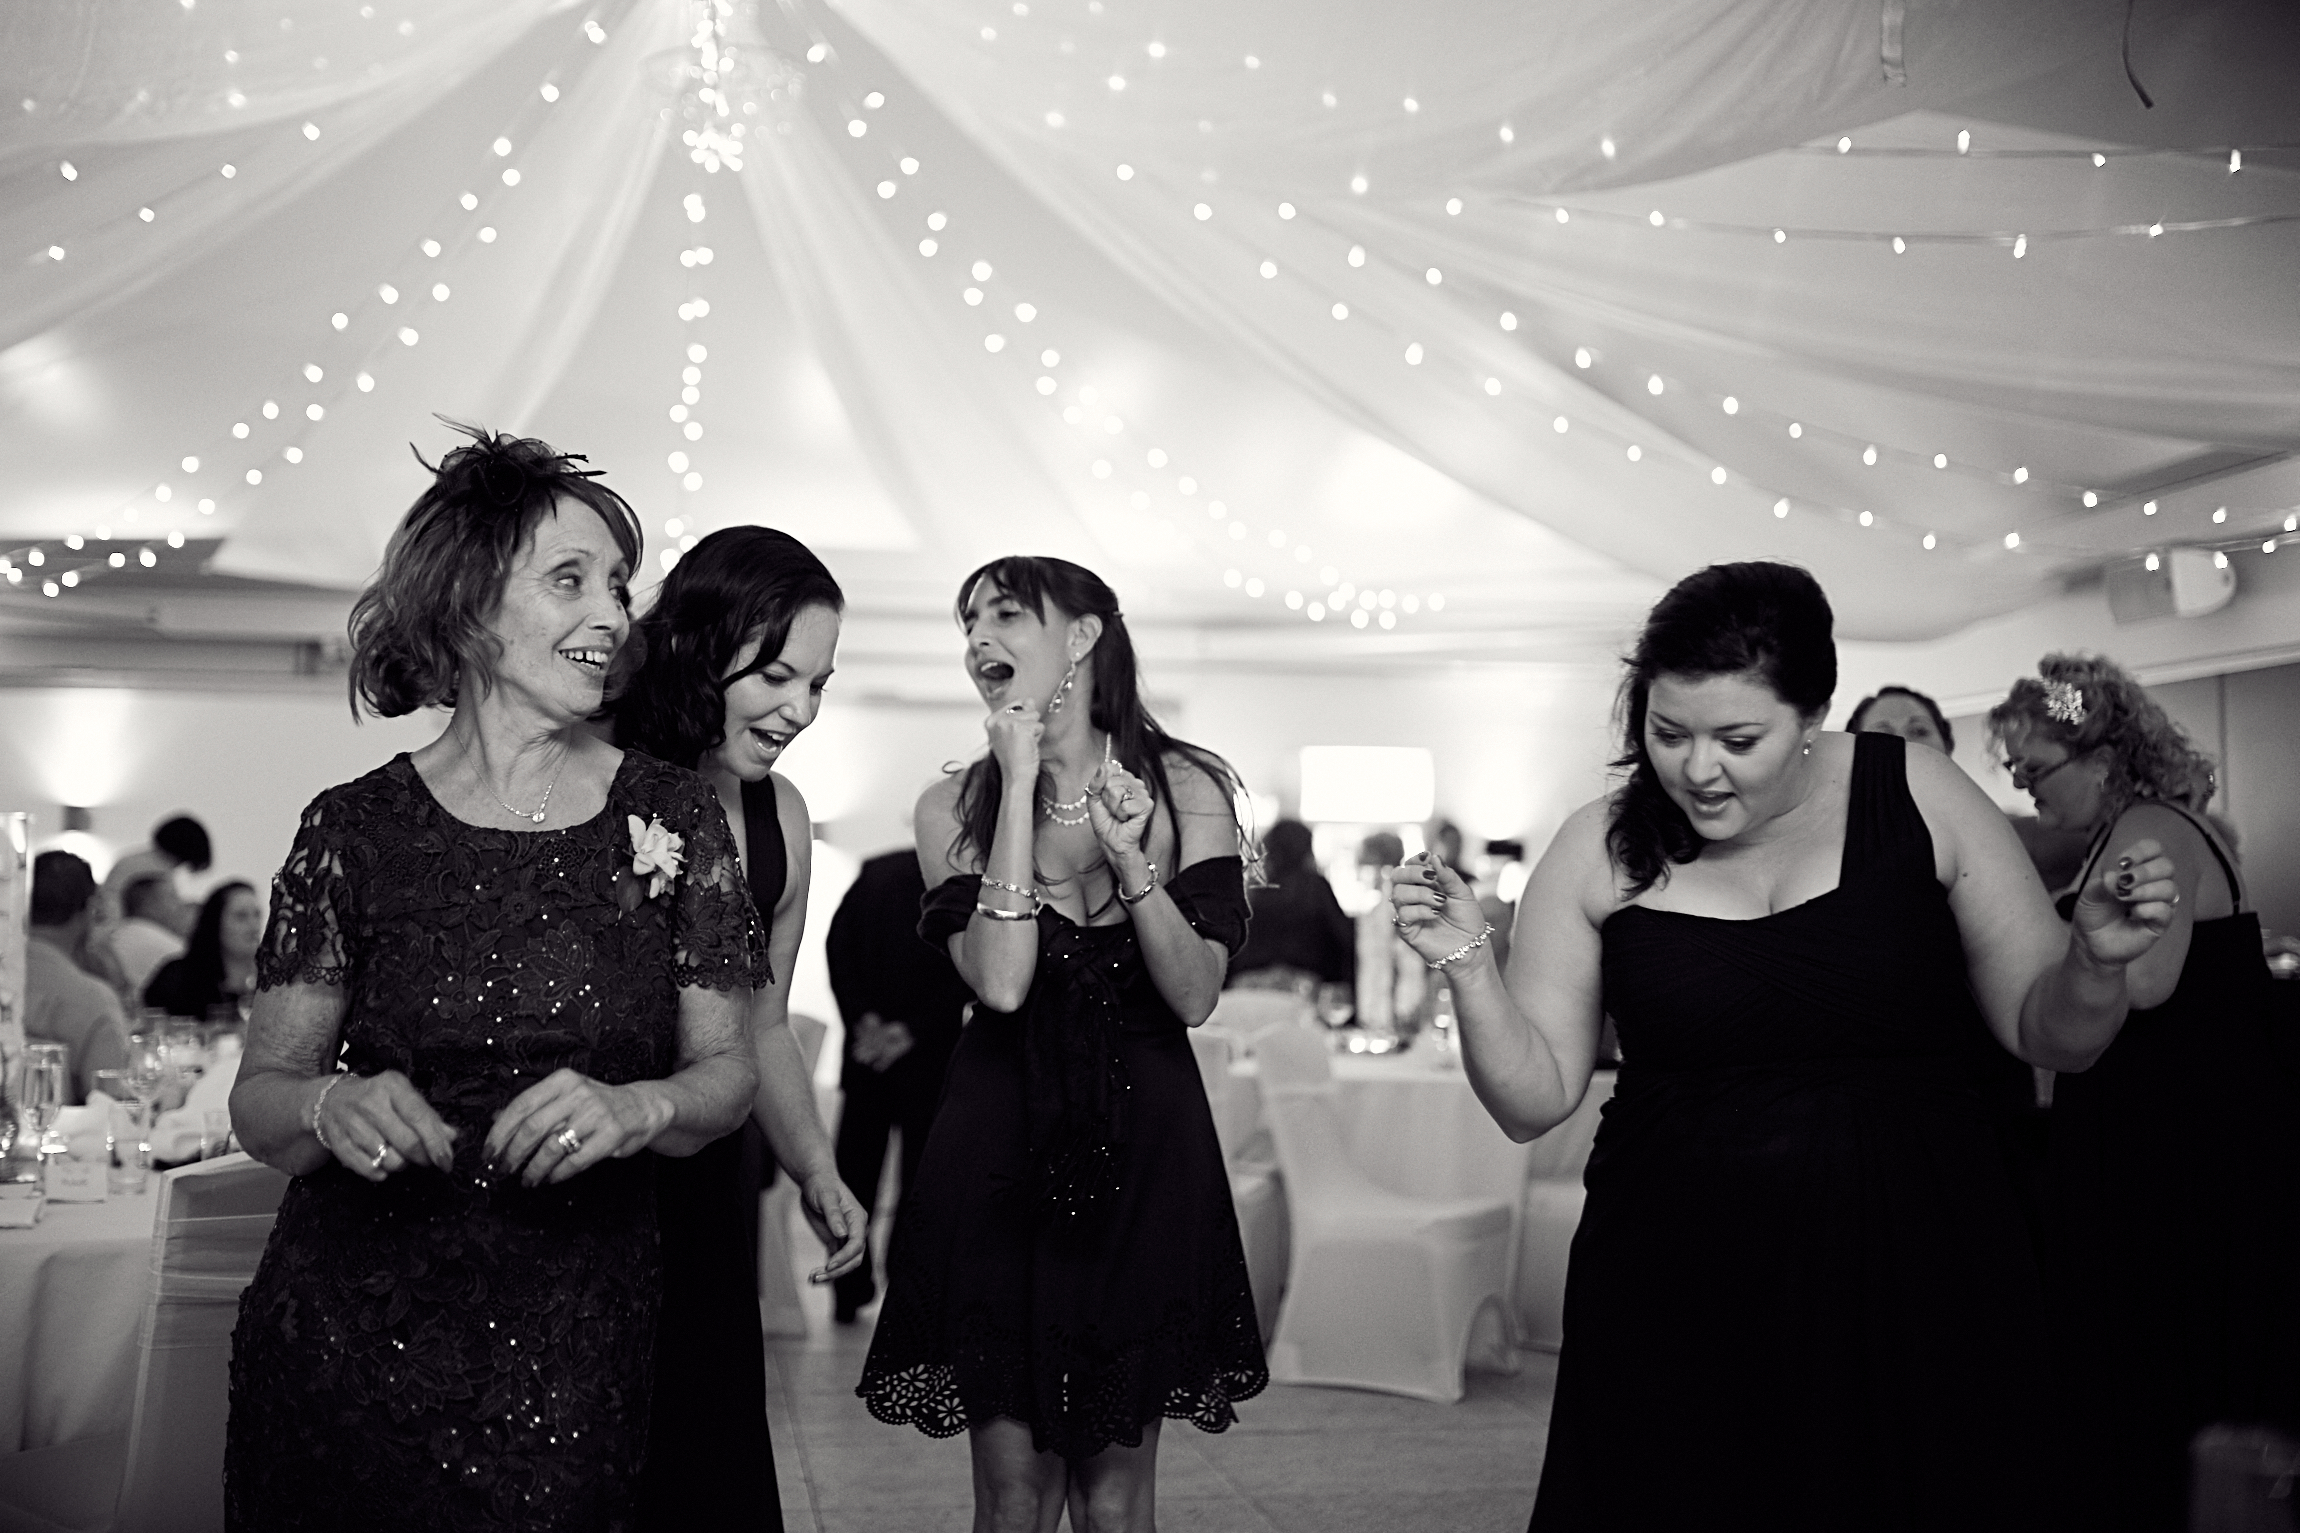 on the dance floor